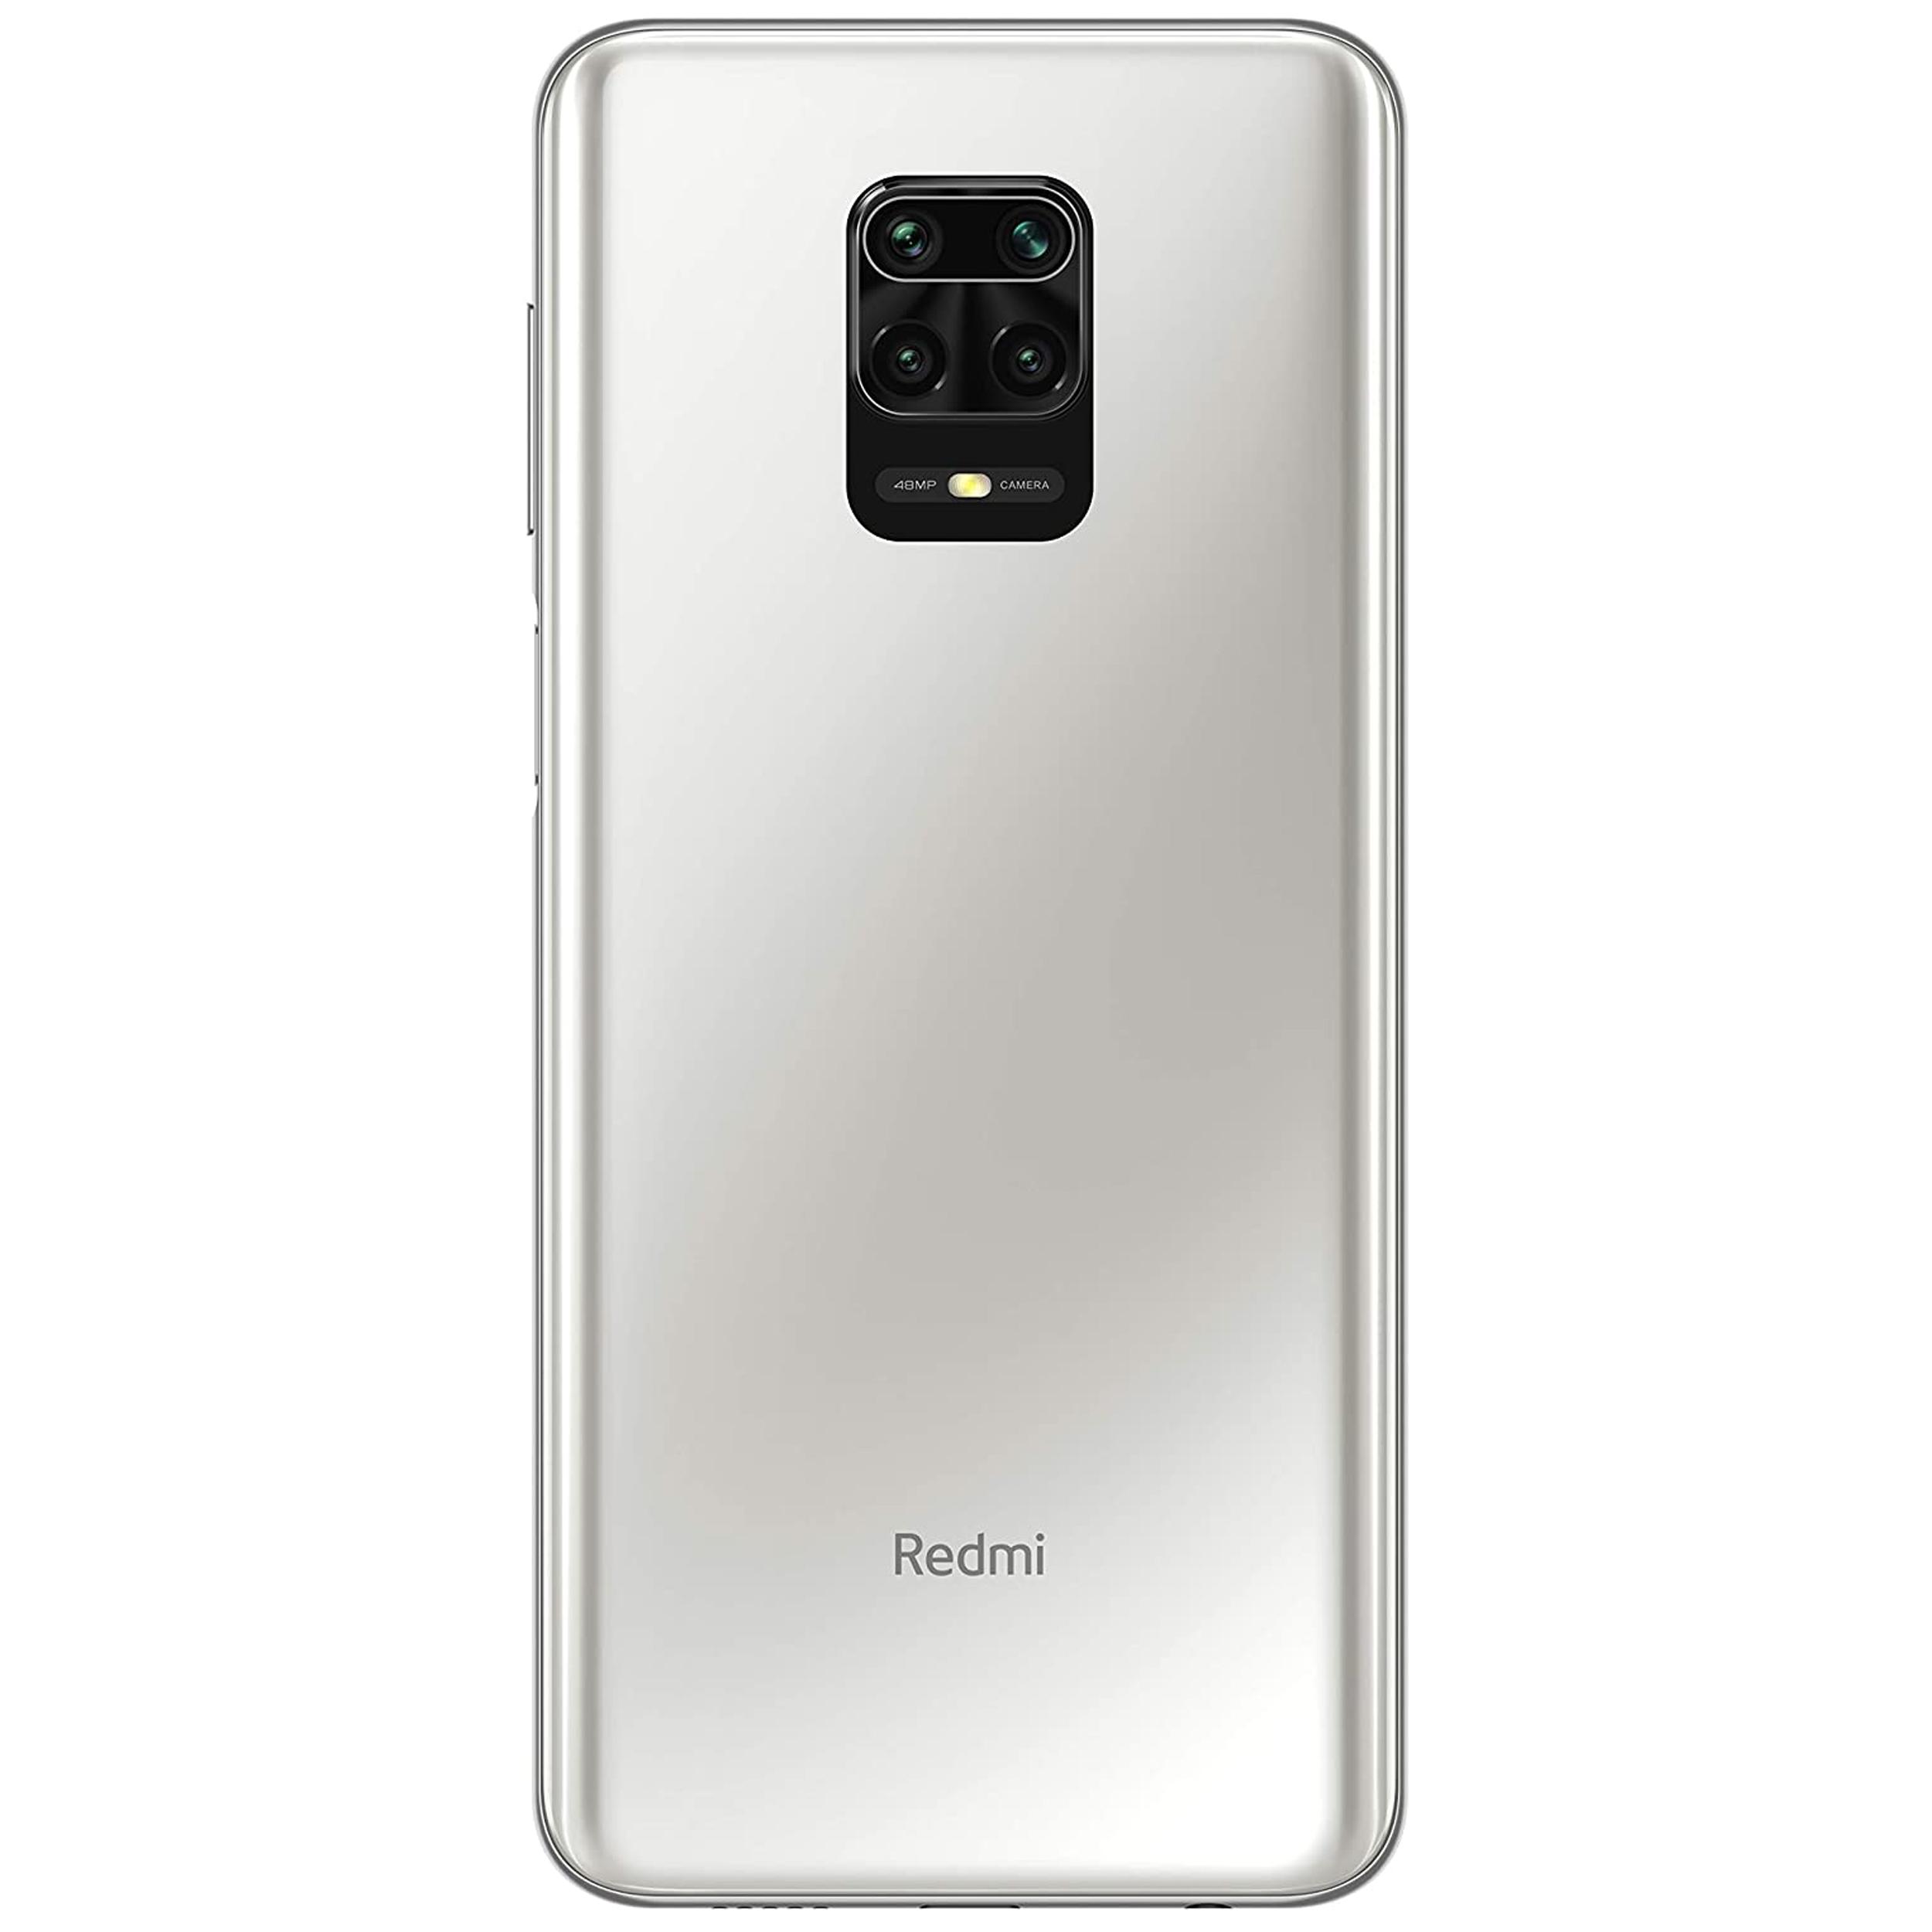 مشخصات قیمت و خرید گوشی موبایل شیائومی مدل Redmi Note 9s M2003j6a1g دو سیم کارت ظرفیت 128گیگابایت طرح قیمت شگفت انگیز دیجی کالا